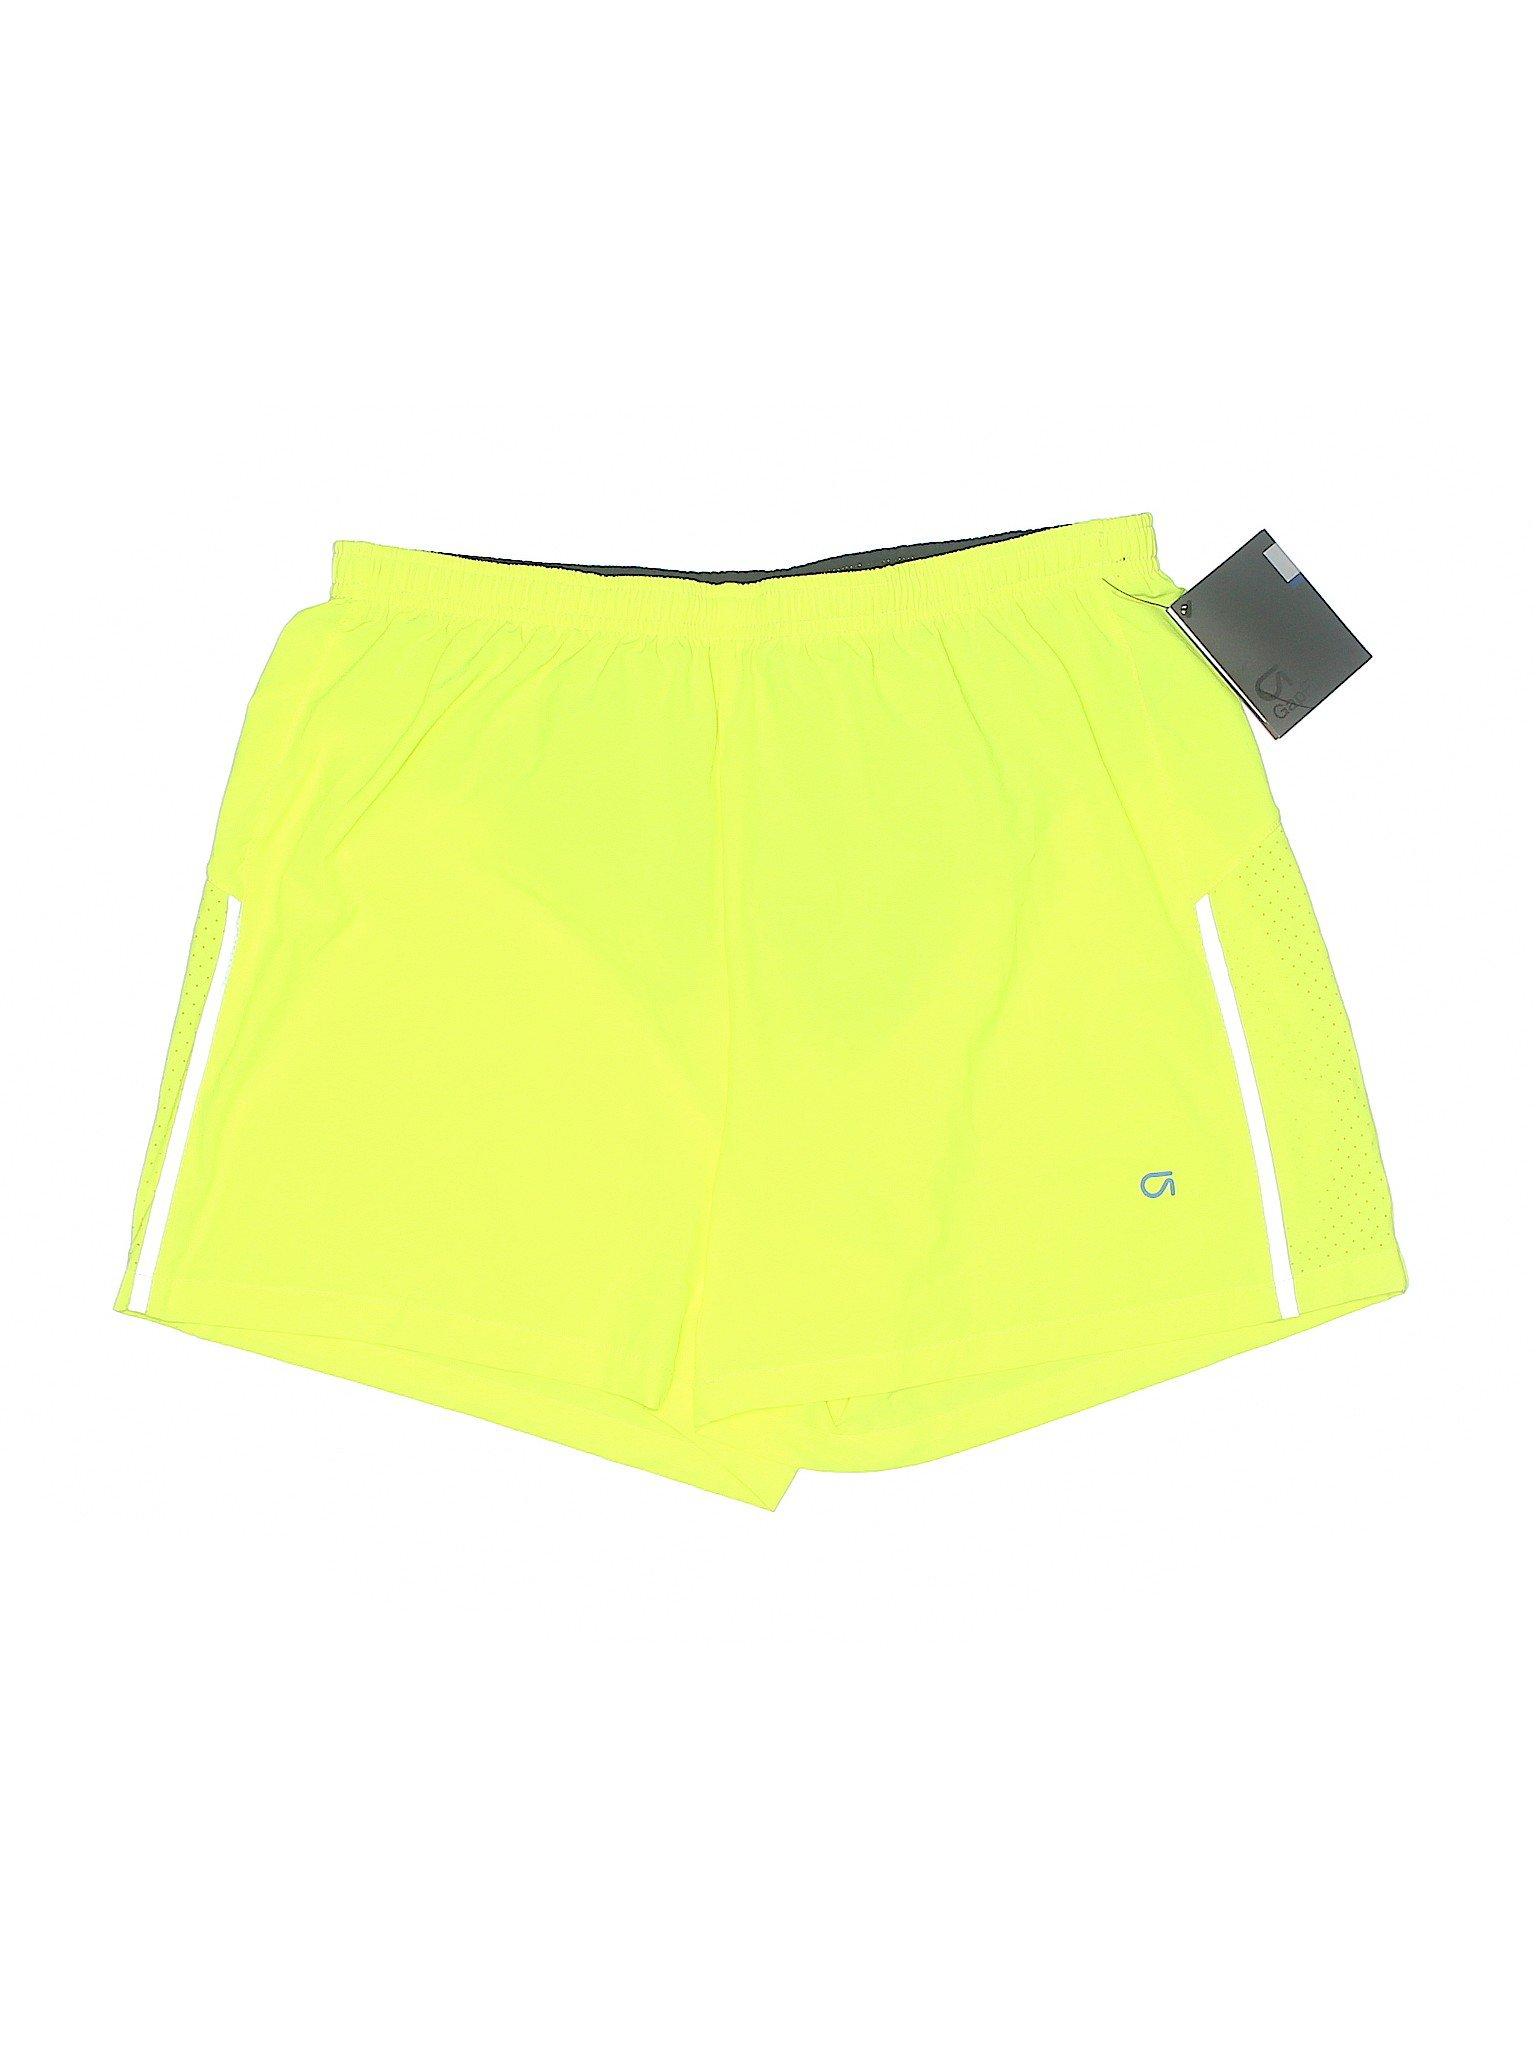 Athletic Boutique Gap Fit Boutique Gap Shorts dPnUFInx